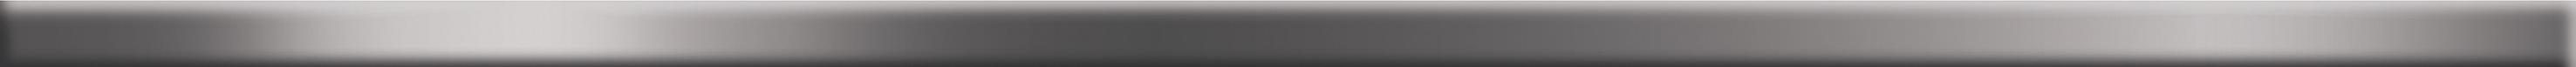 Купить Керамическая плитка AltaСera Sword BW0SWD0 бордюр 1, 3х50, Россия